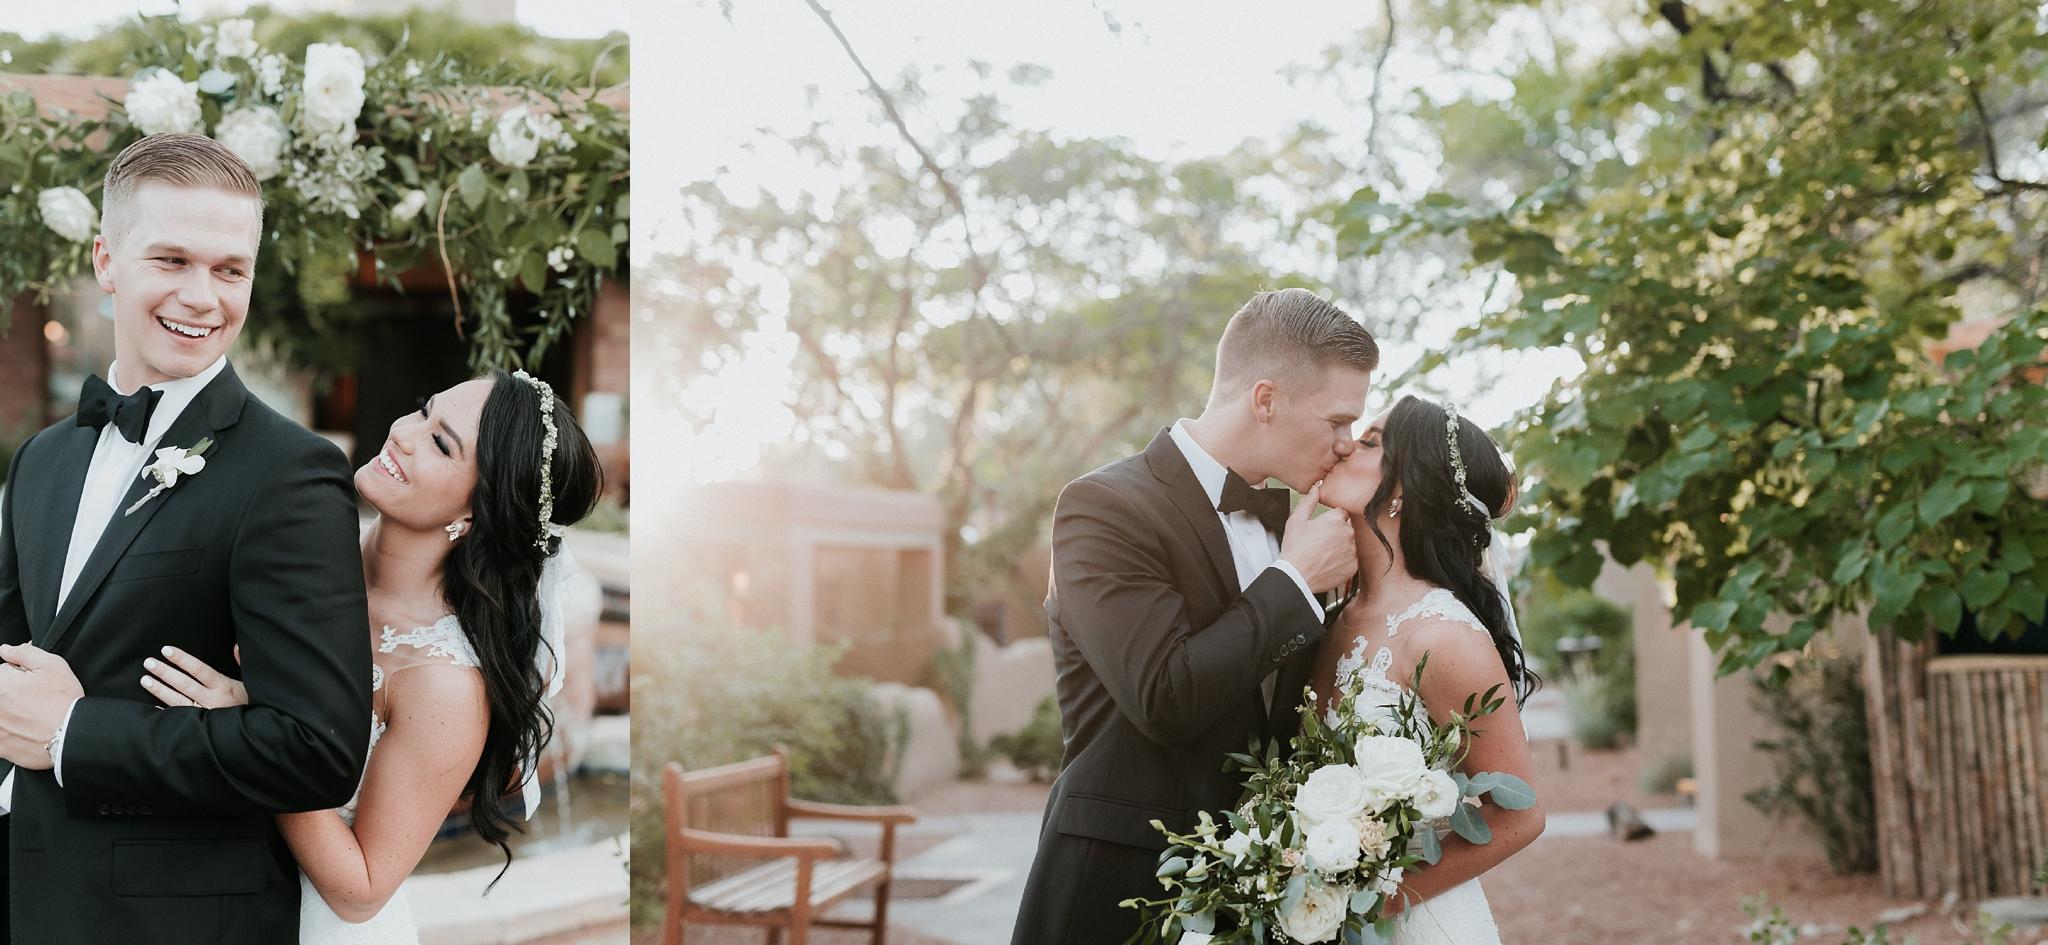 Alicia+lucia+photography+-+albuquerque+wedding+photographer+-+santa+fe+wedding+photography+-+new+mexico+wedding+photographer+-+new+mexico+wedding+-+santa+fe+wedding+-+albuquerque+wedding+-+bridal+hair_0046.jpg